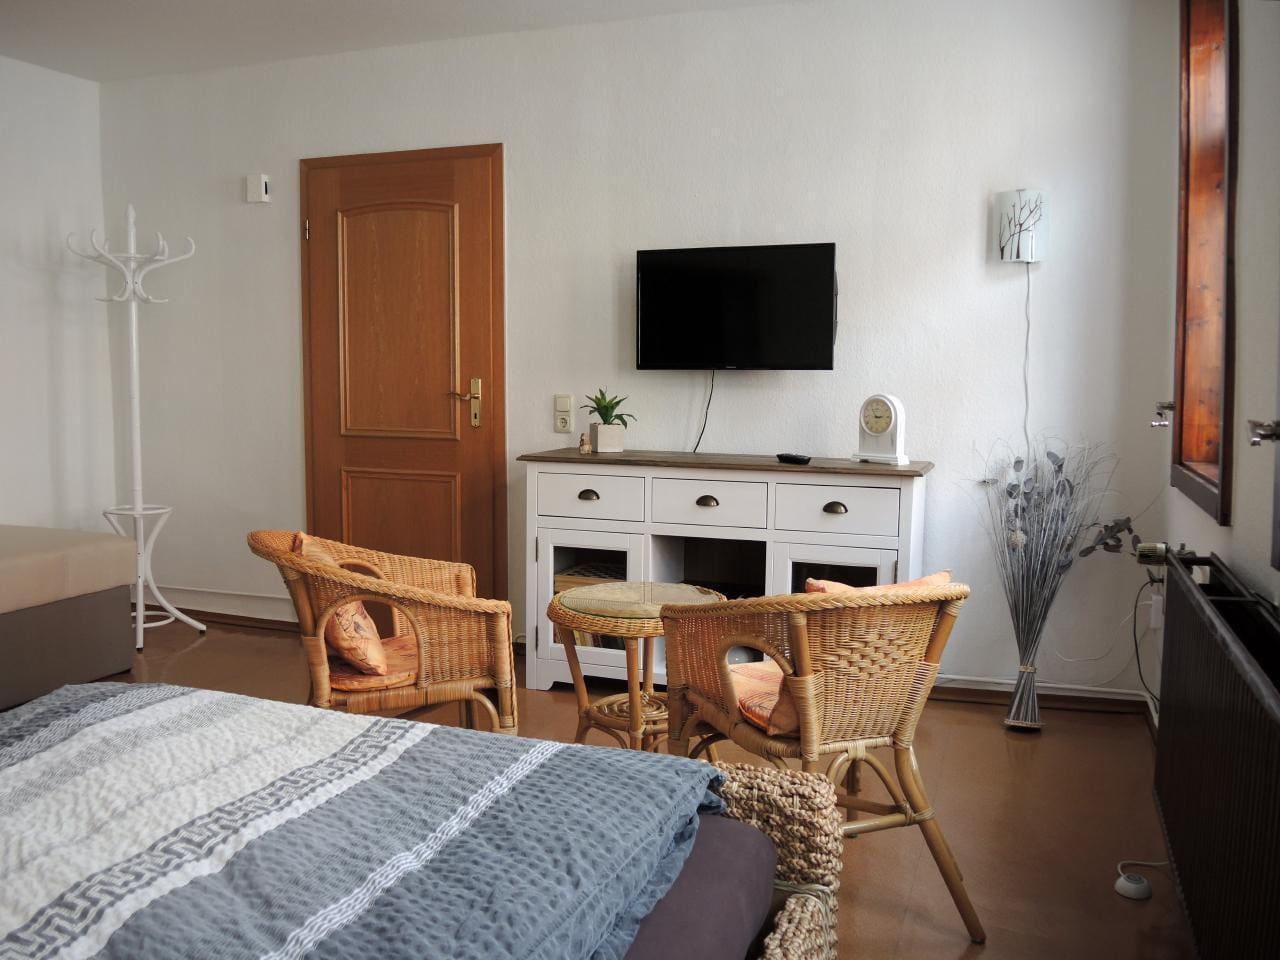 Apartment-Staedtler II